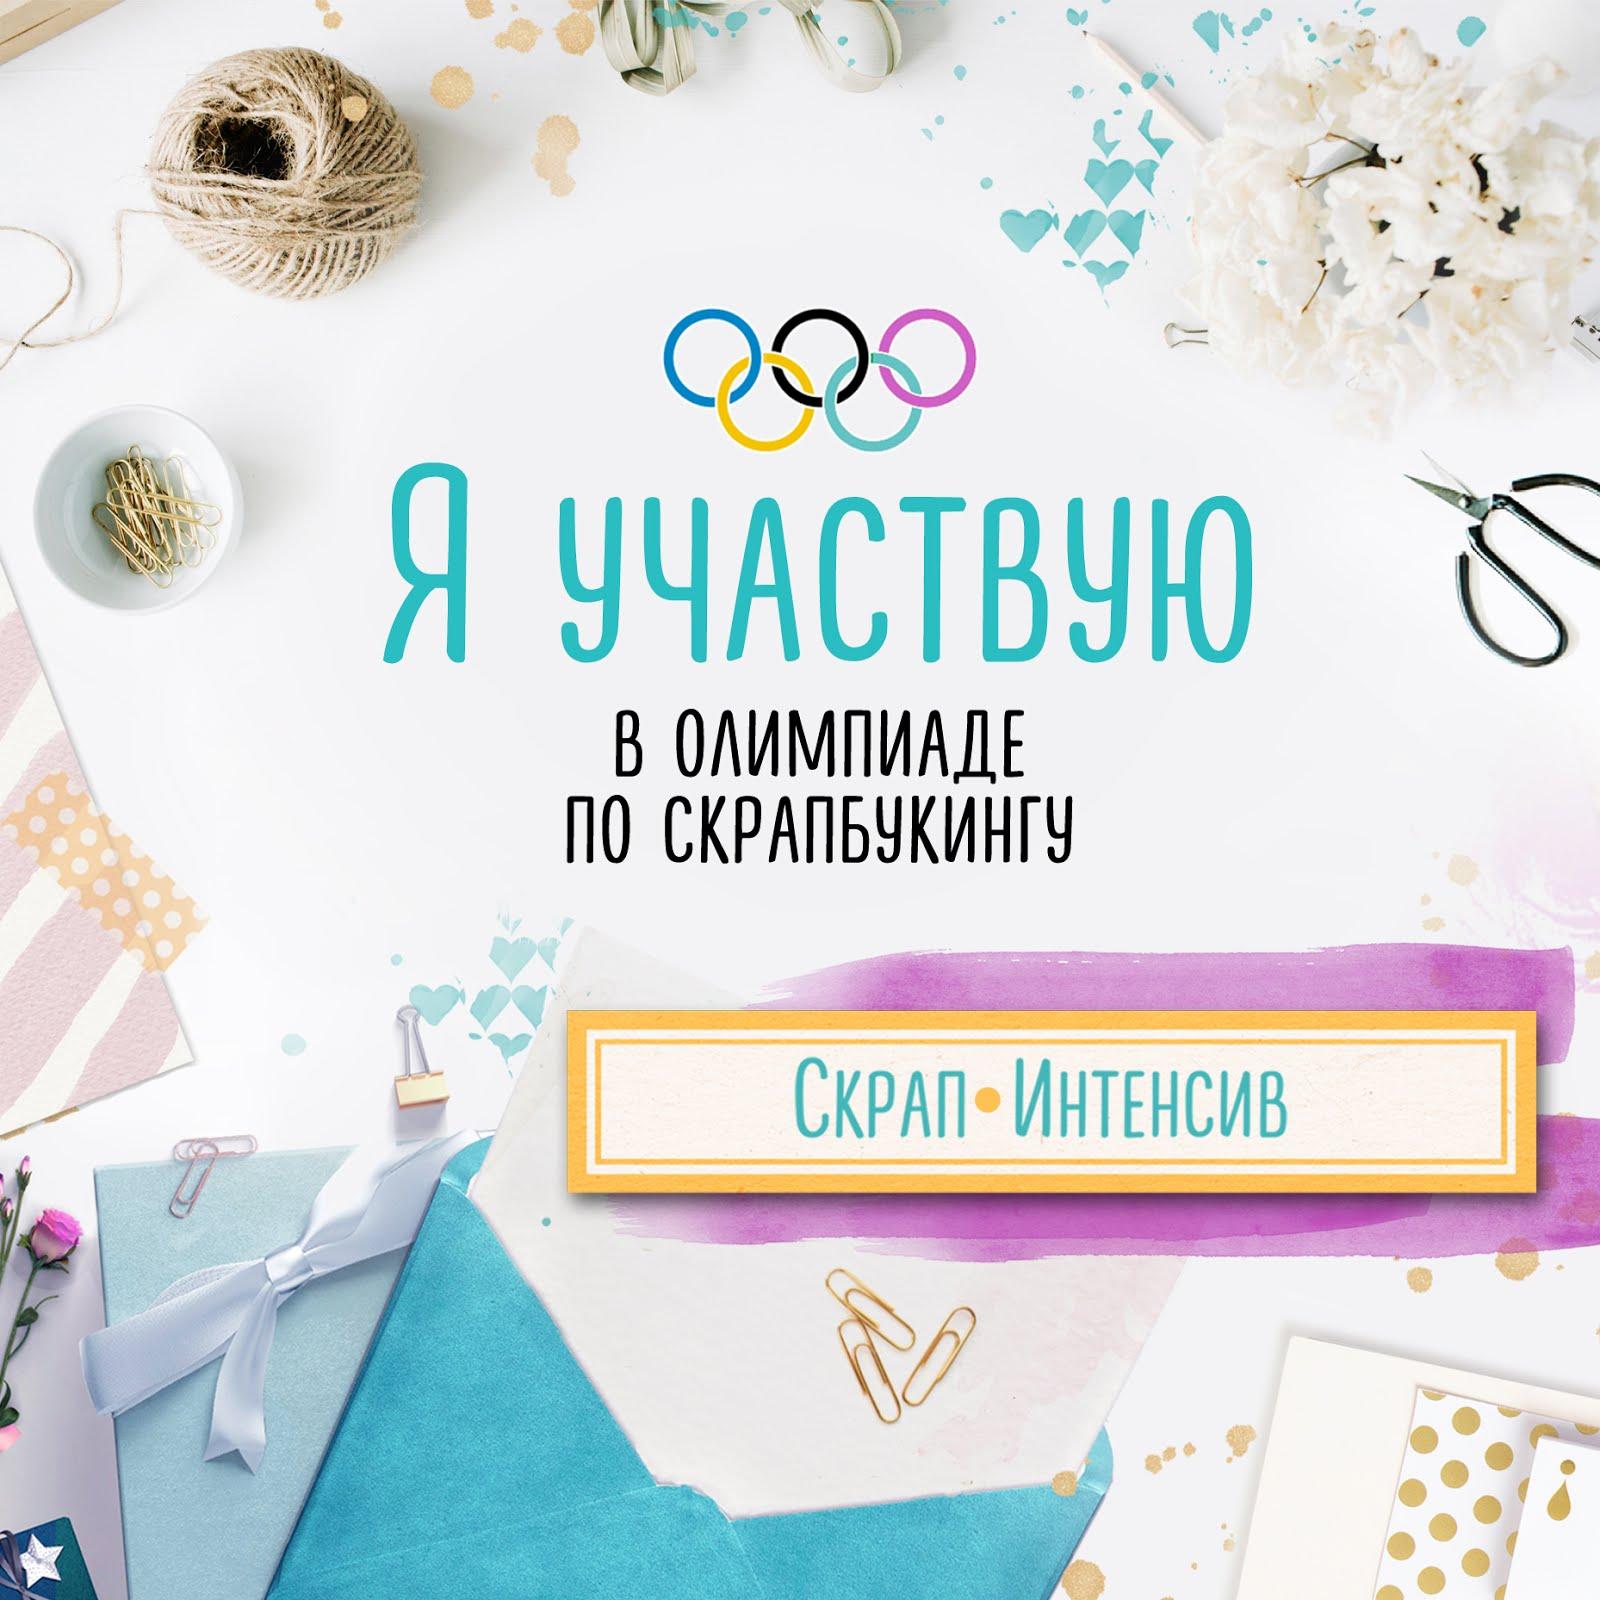 Олимпиада от Скрап-интенсив